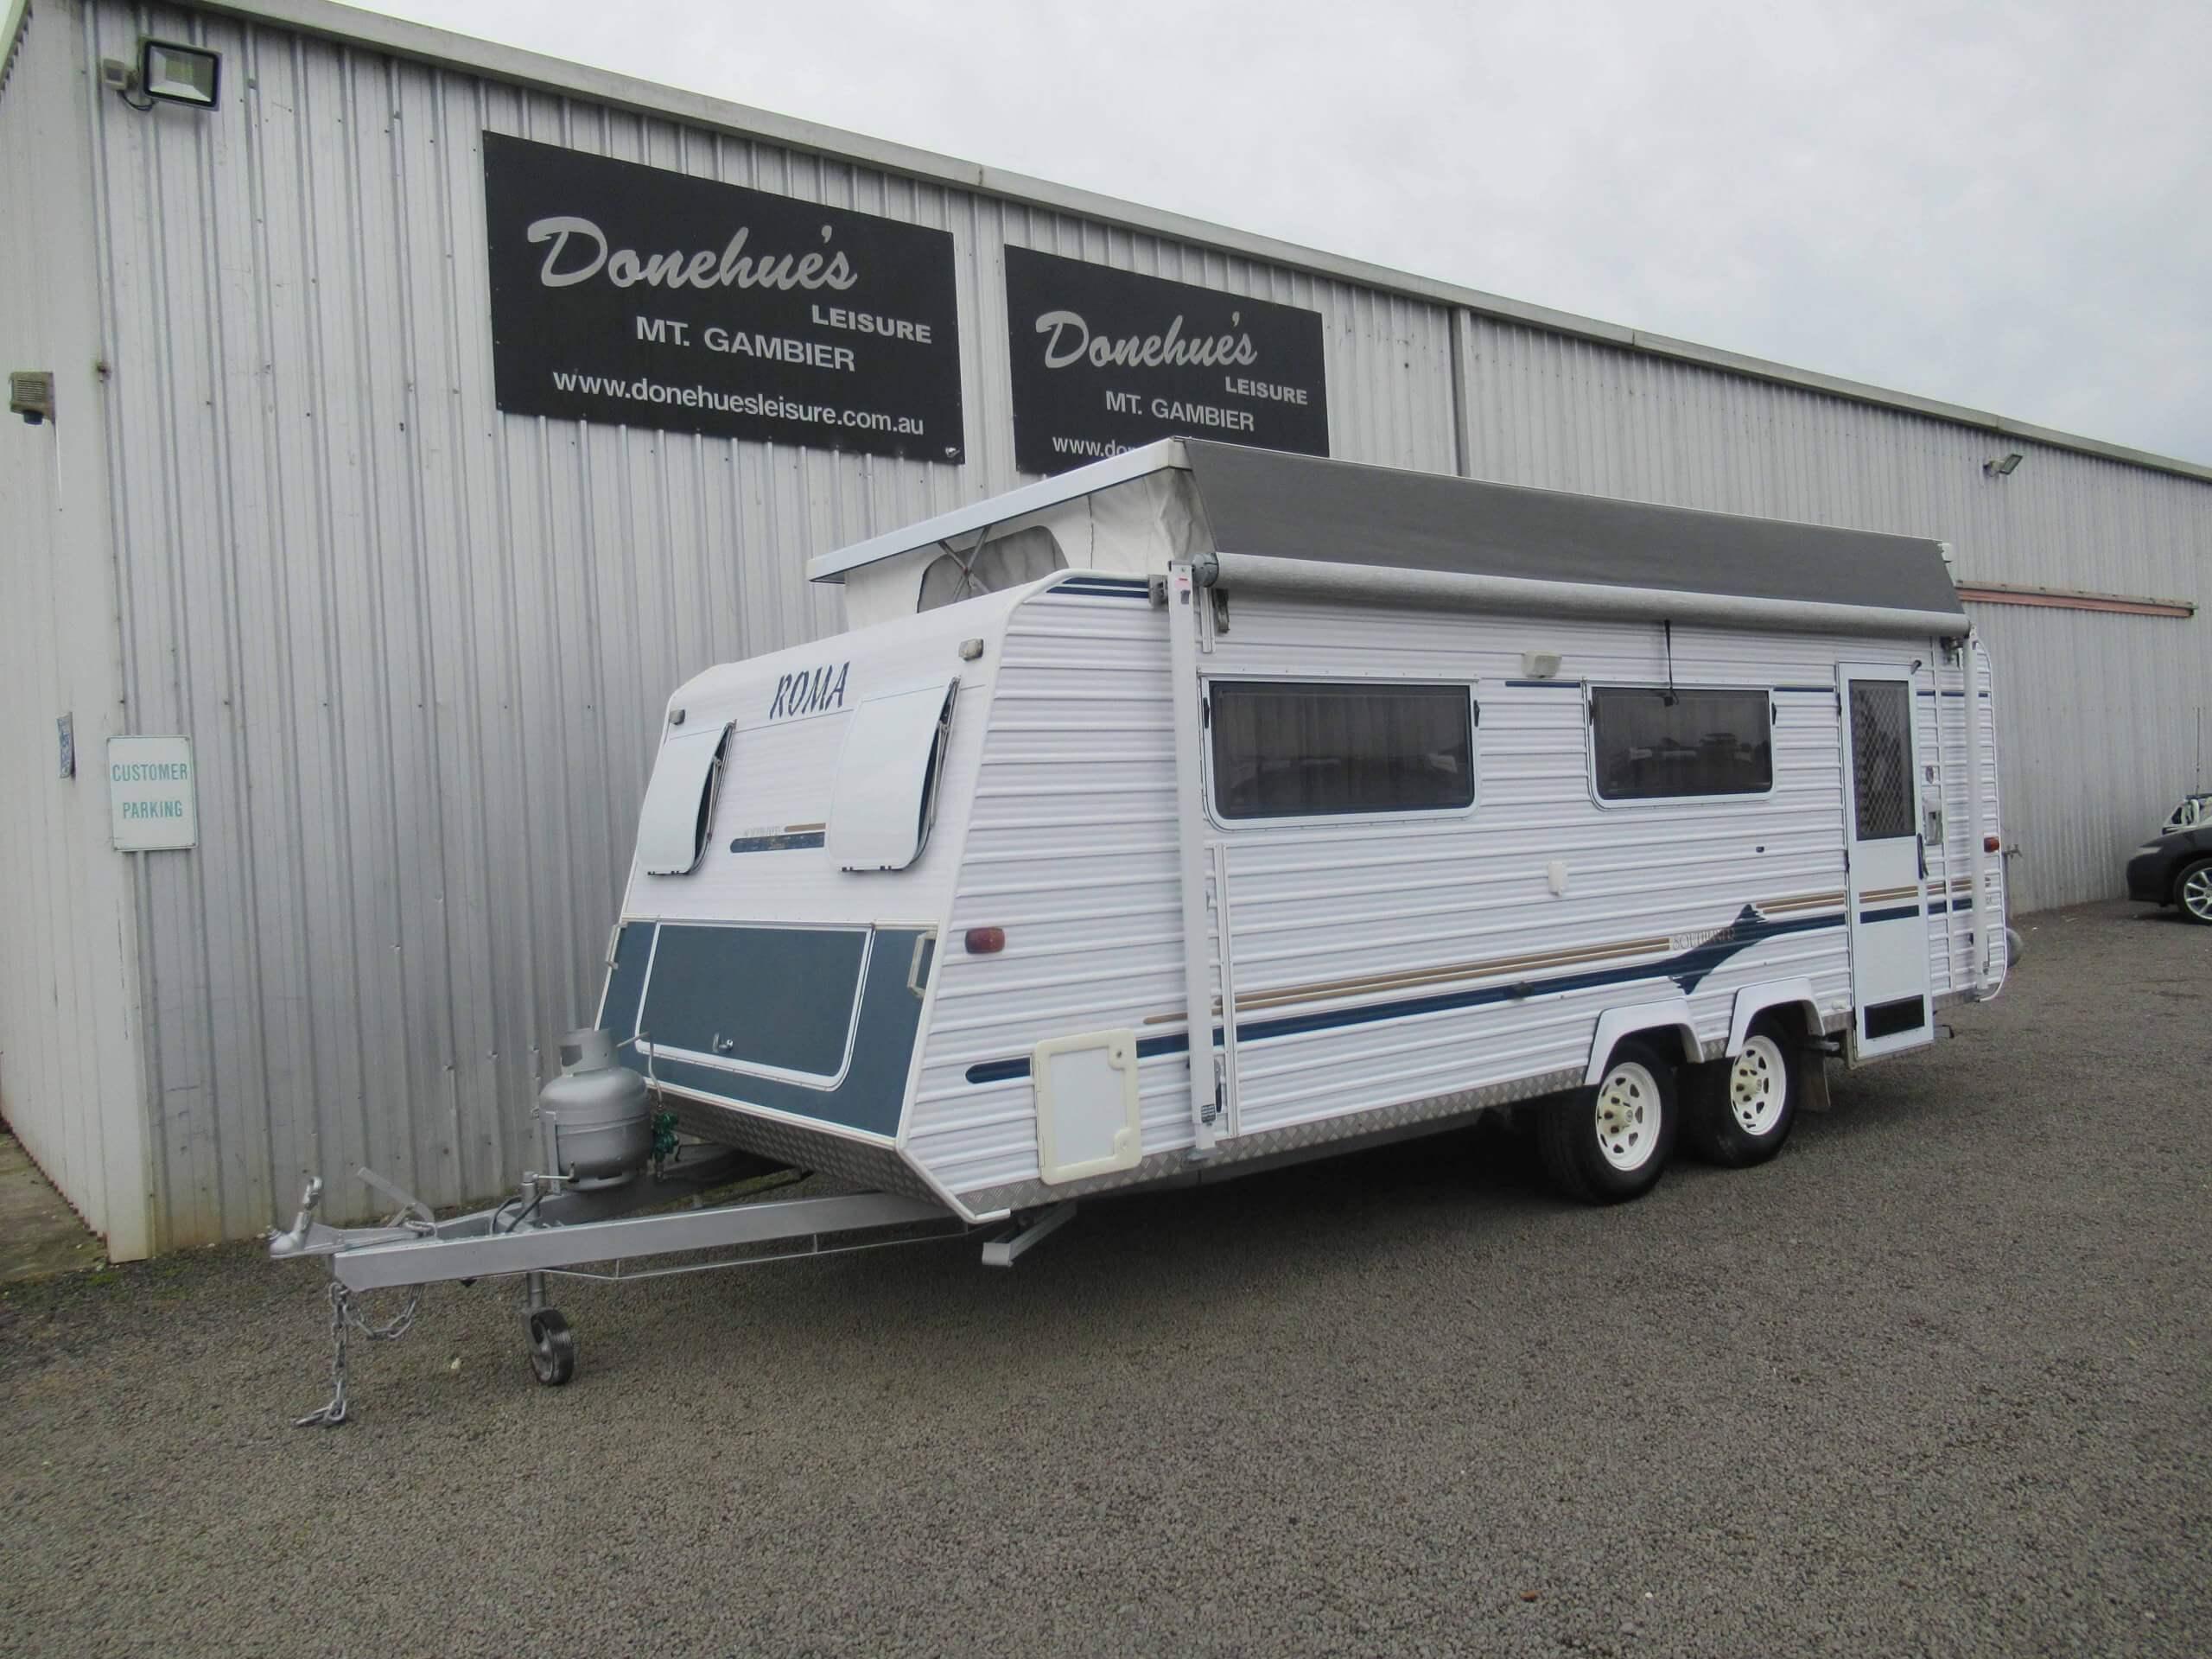 Donehues Leisure Used Roma Poptop Caravan Mt Gambier 21907M 2